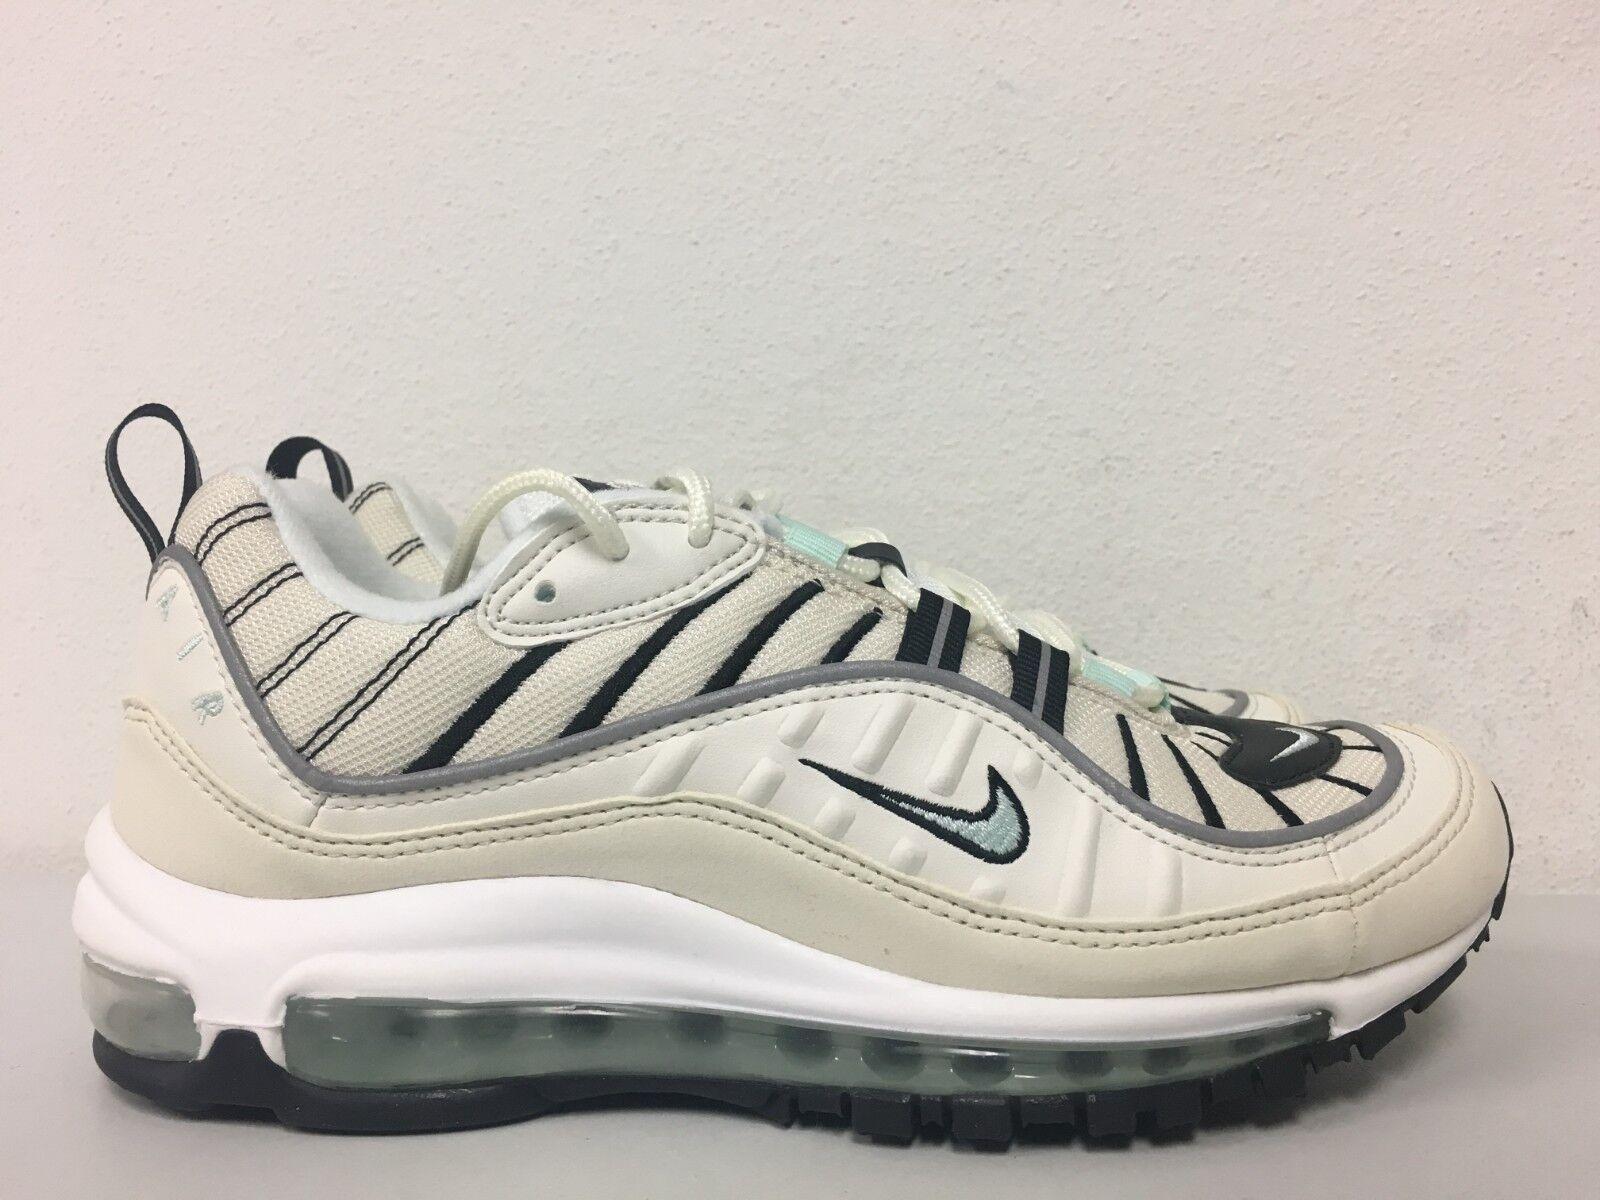 Schuhe Nike WMNS Air Max 98 Weiß Fossil AH6799 105 Damen